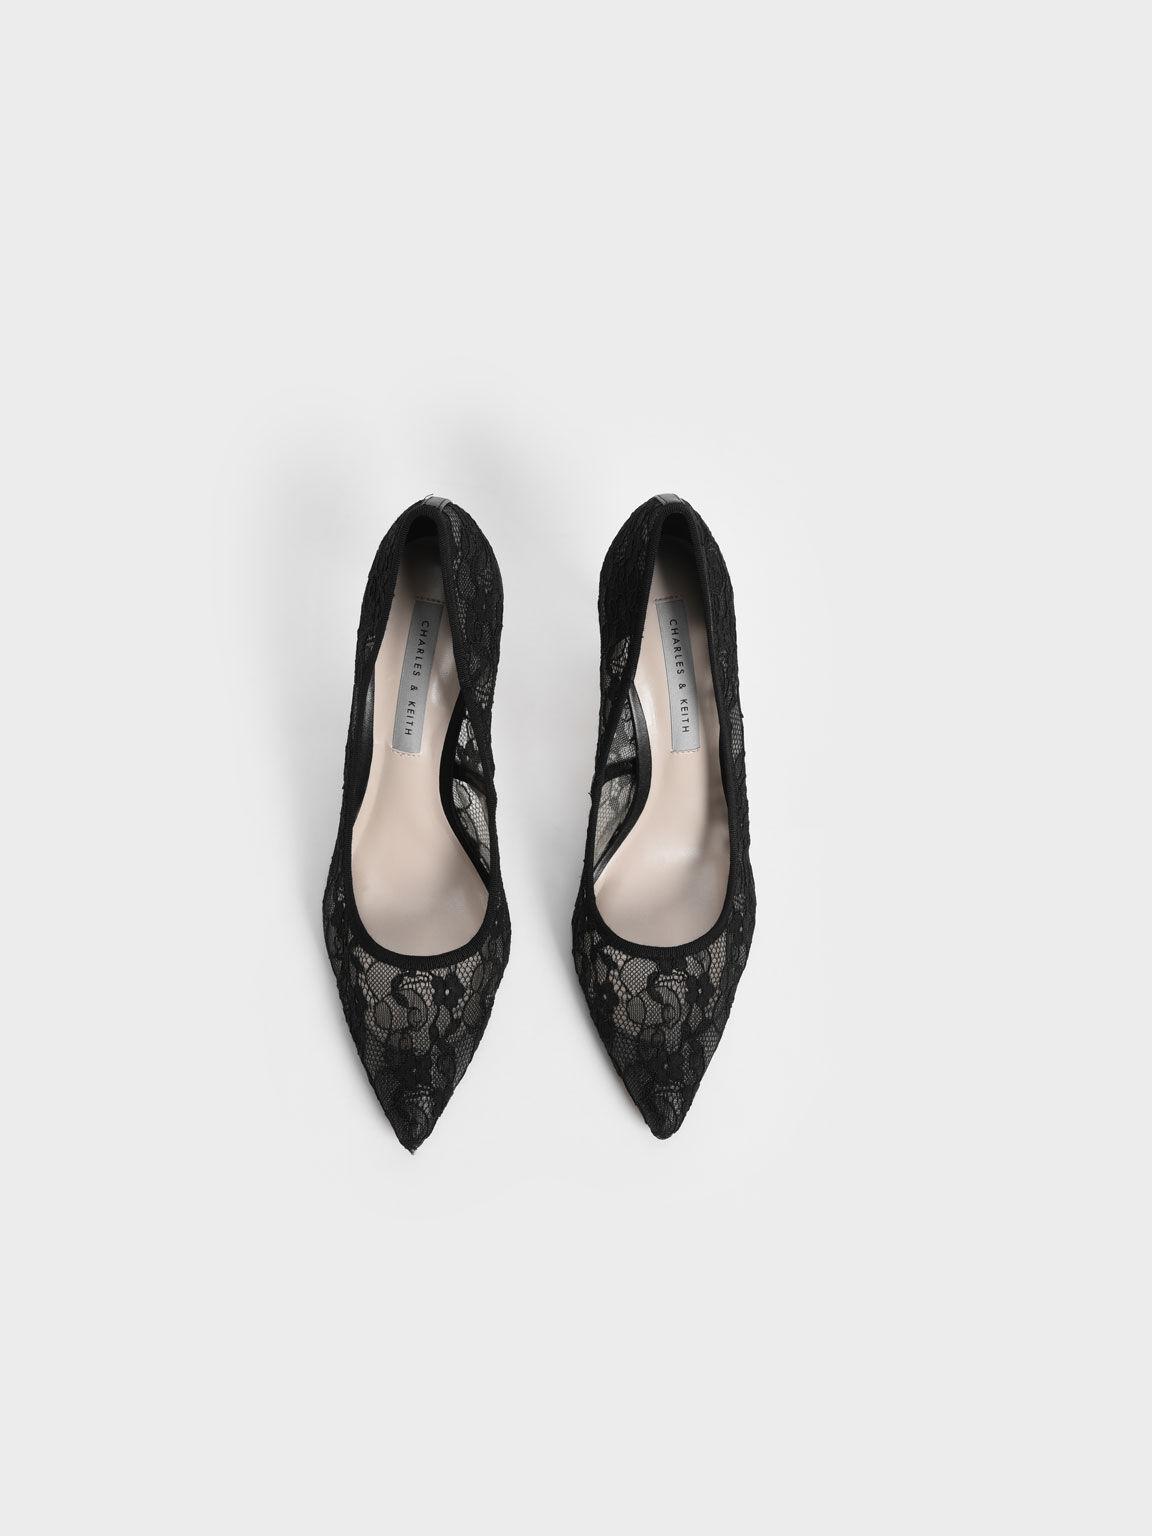 Lace Stiletto Pumps, Black, hi-res